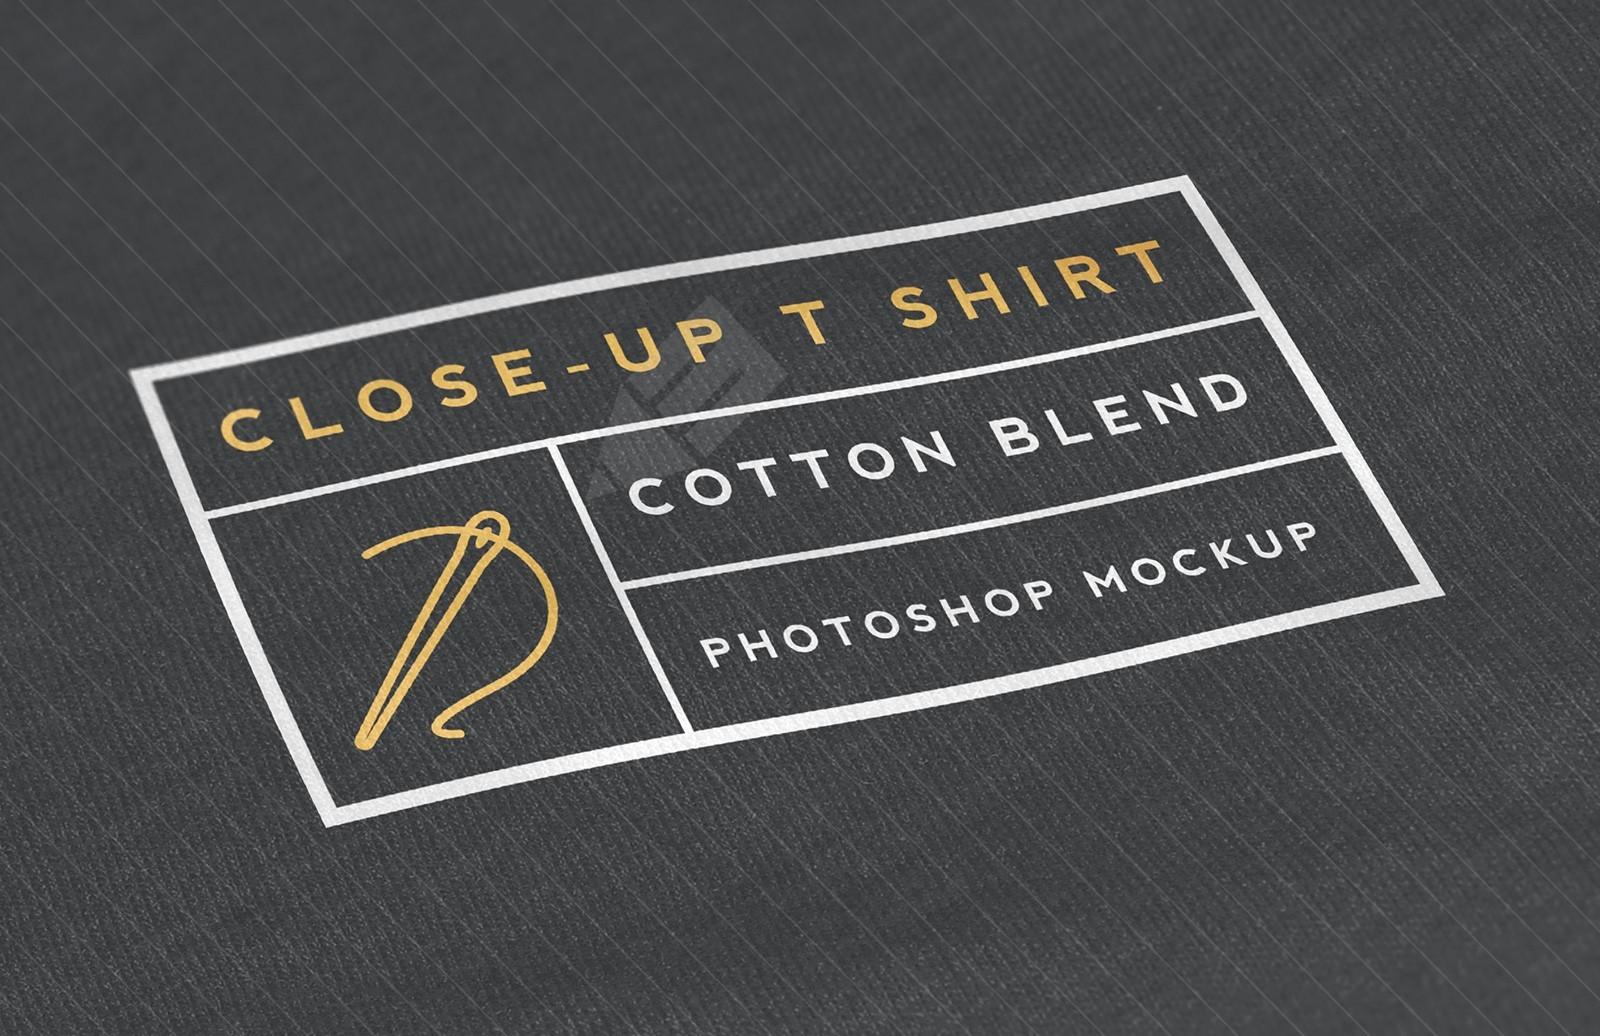 Close-Up T Shirt Mockup